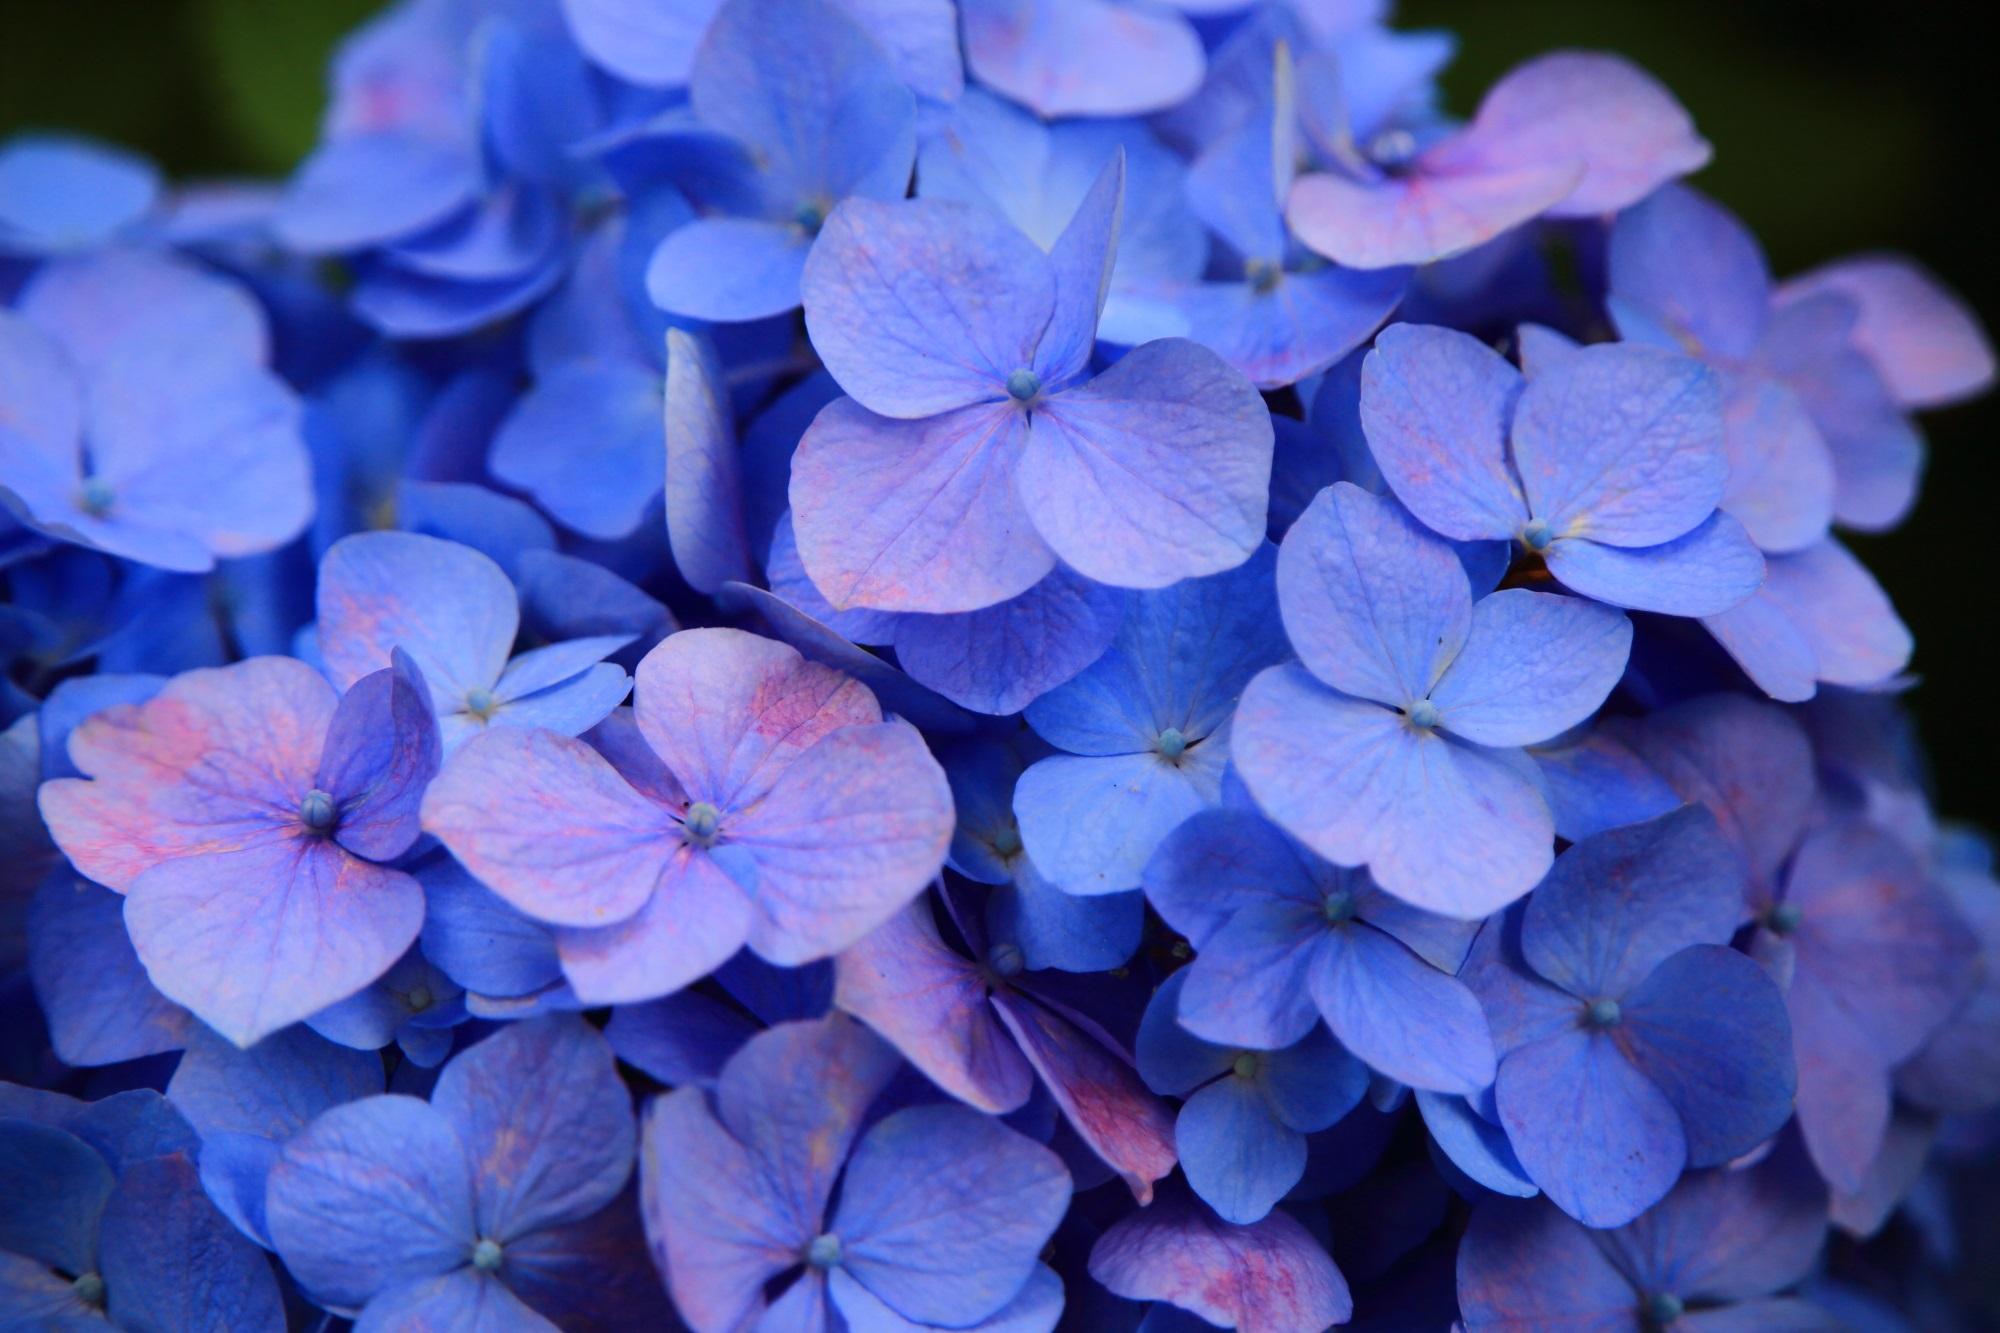 花びら一枚一枚が微妙に色合いが異なる三室戸寺のアジサイ